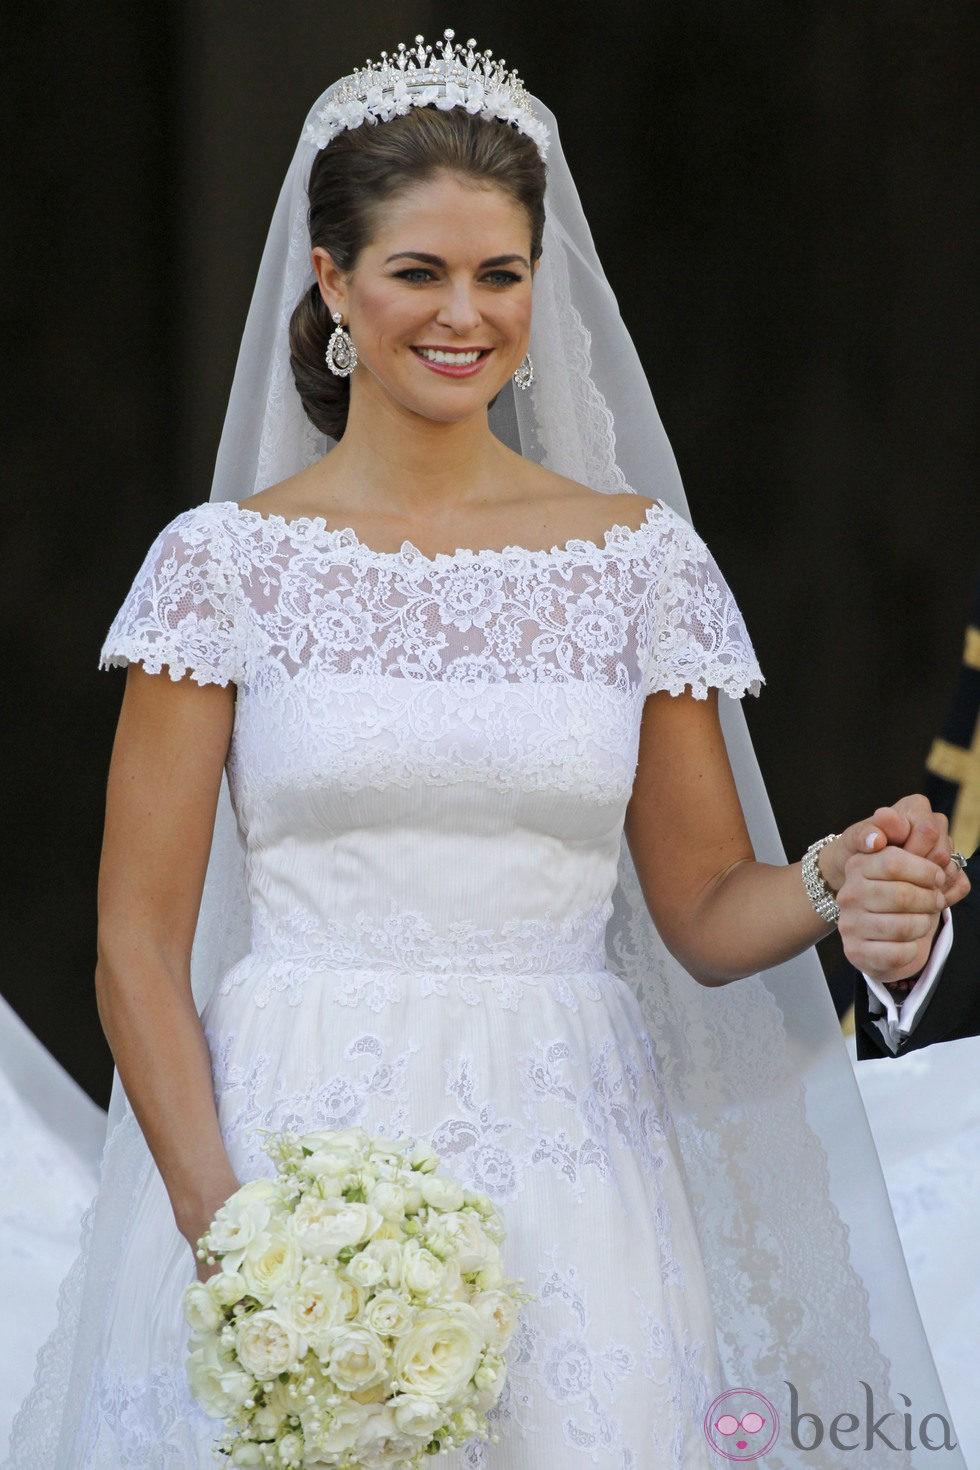 Donde comprar vestidos de novia – Vestidos de noche populares foto ...